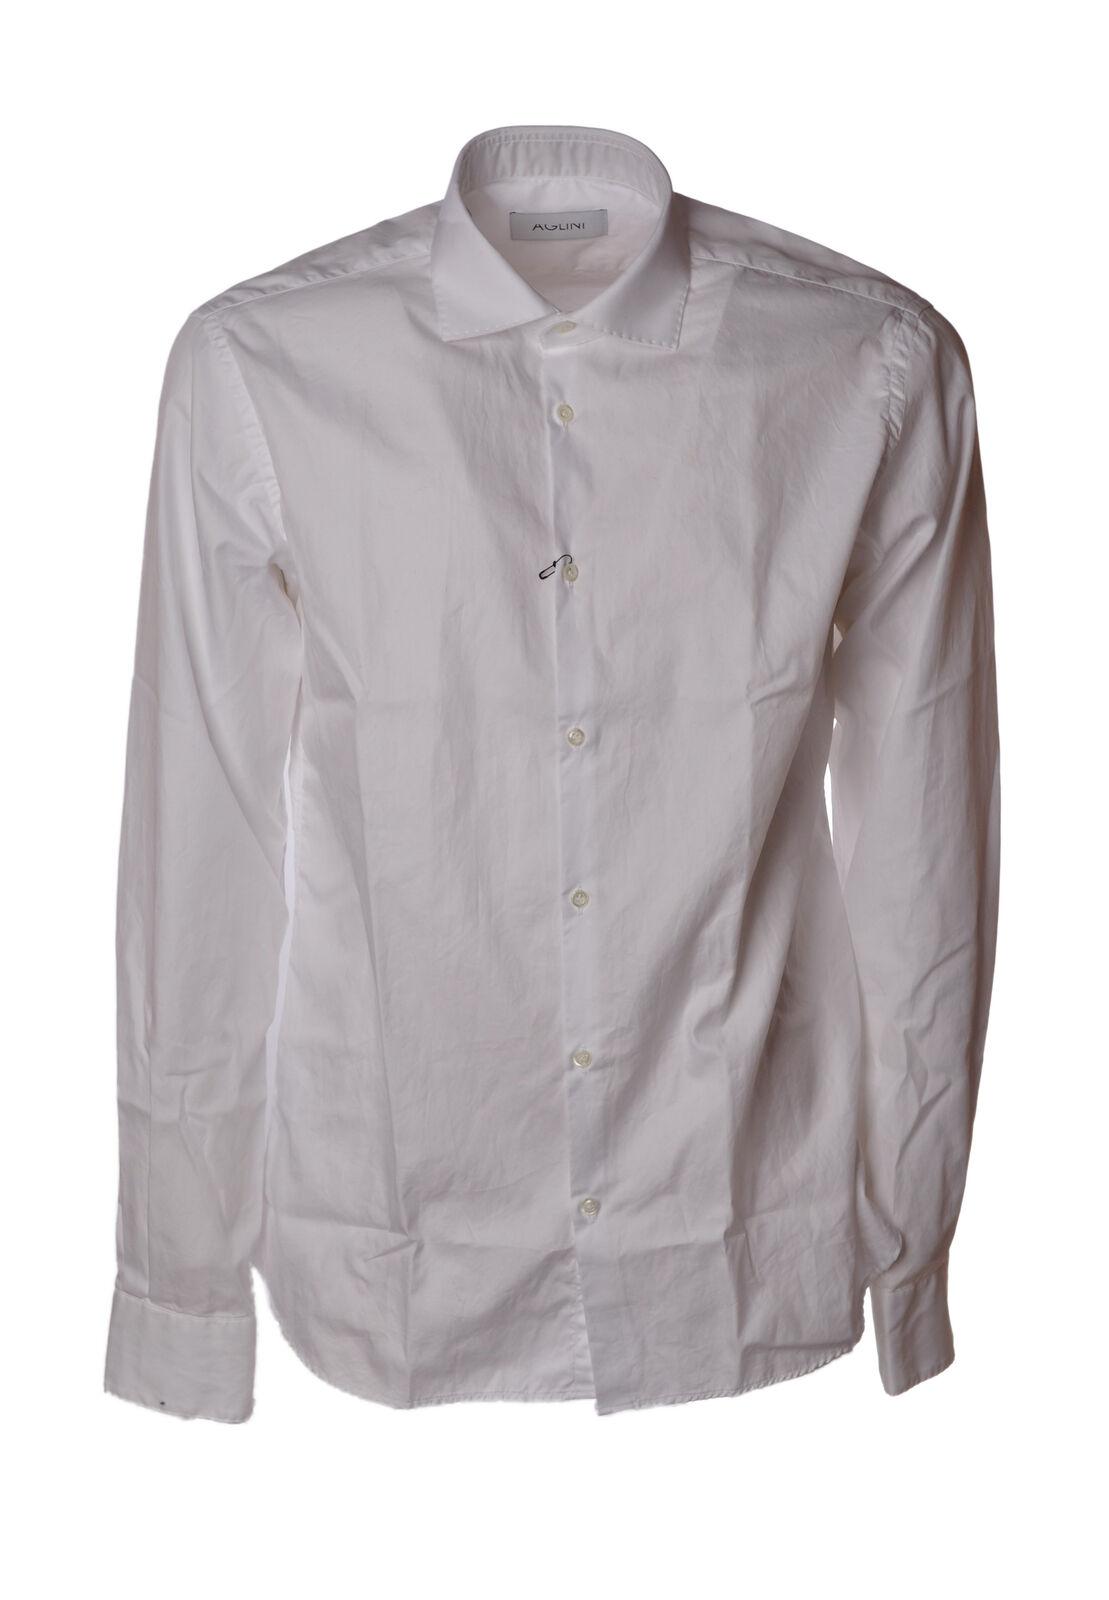 Aglini - Shirts-Shirts - Man - Weiß - 4688113F184115